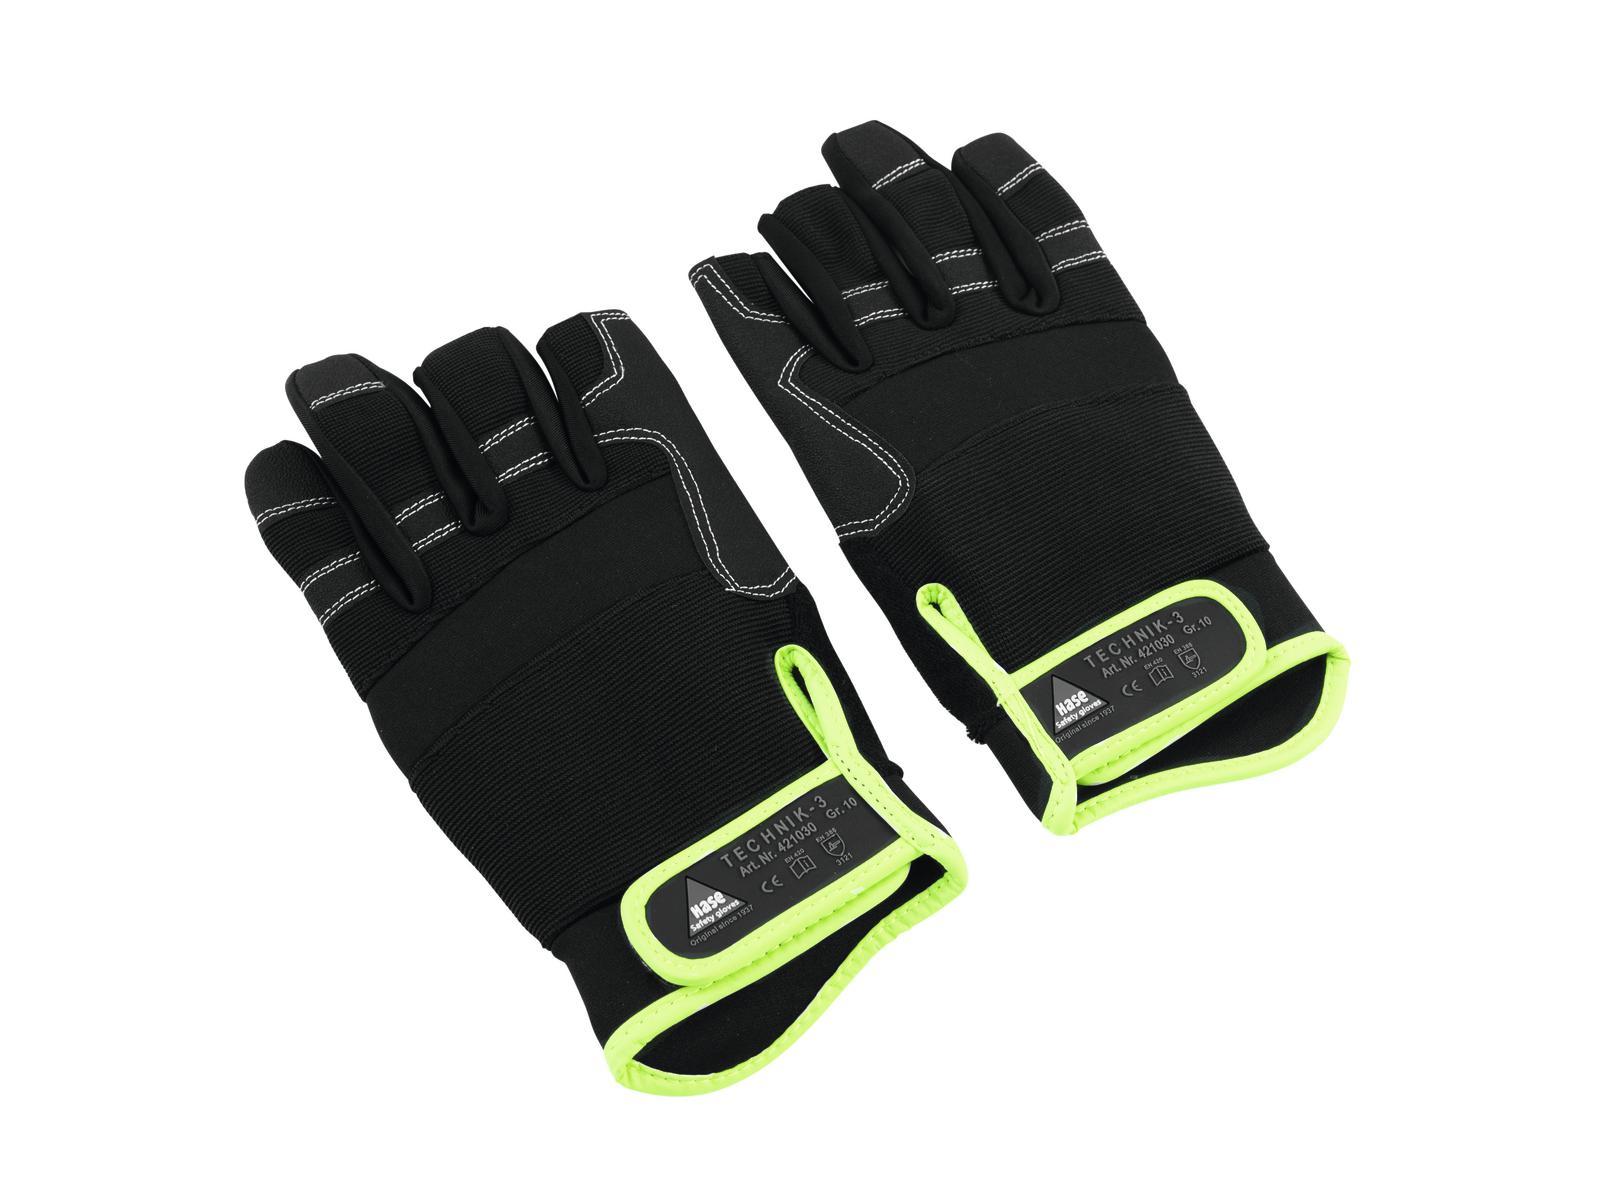 HASE Handschuh 3 Finger, Größe L